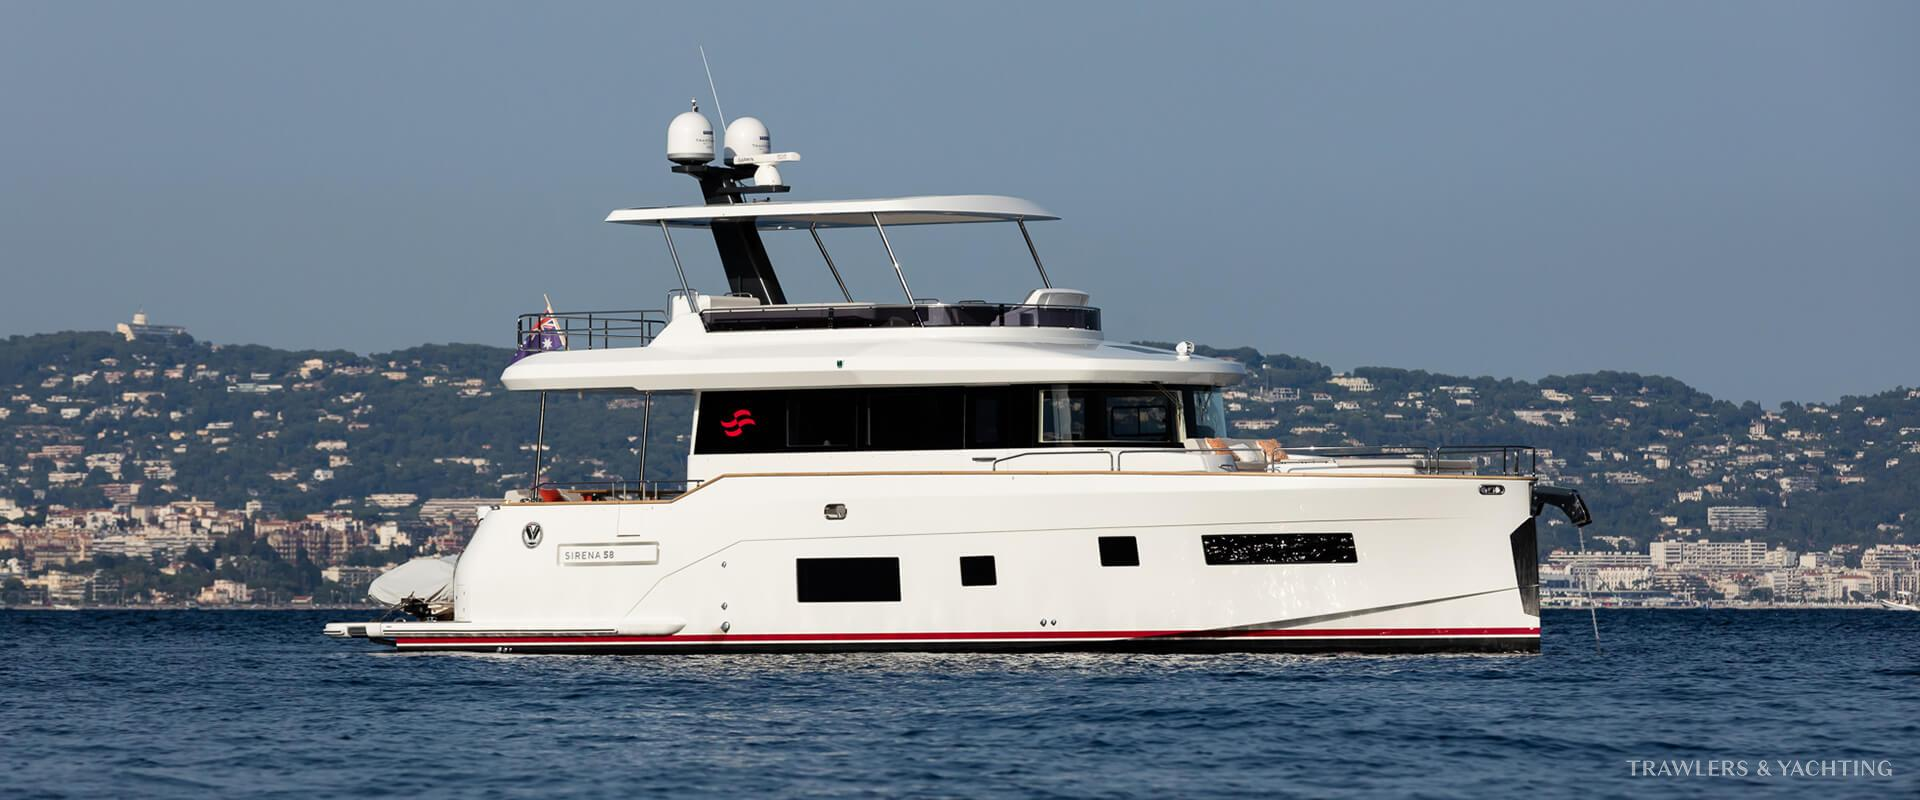 Sirena 58 - Trawlers & Yachting - Mandelieu-la-Napoule (06)